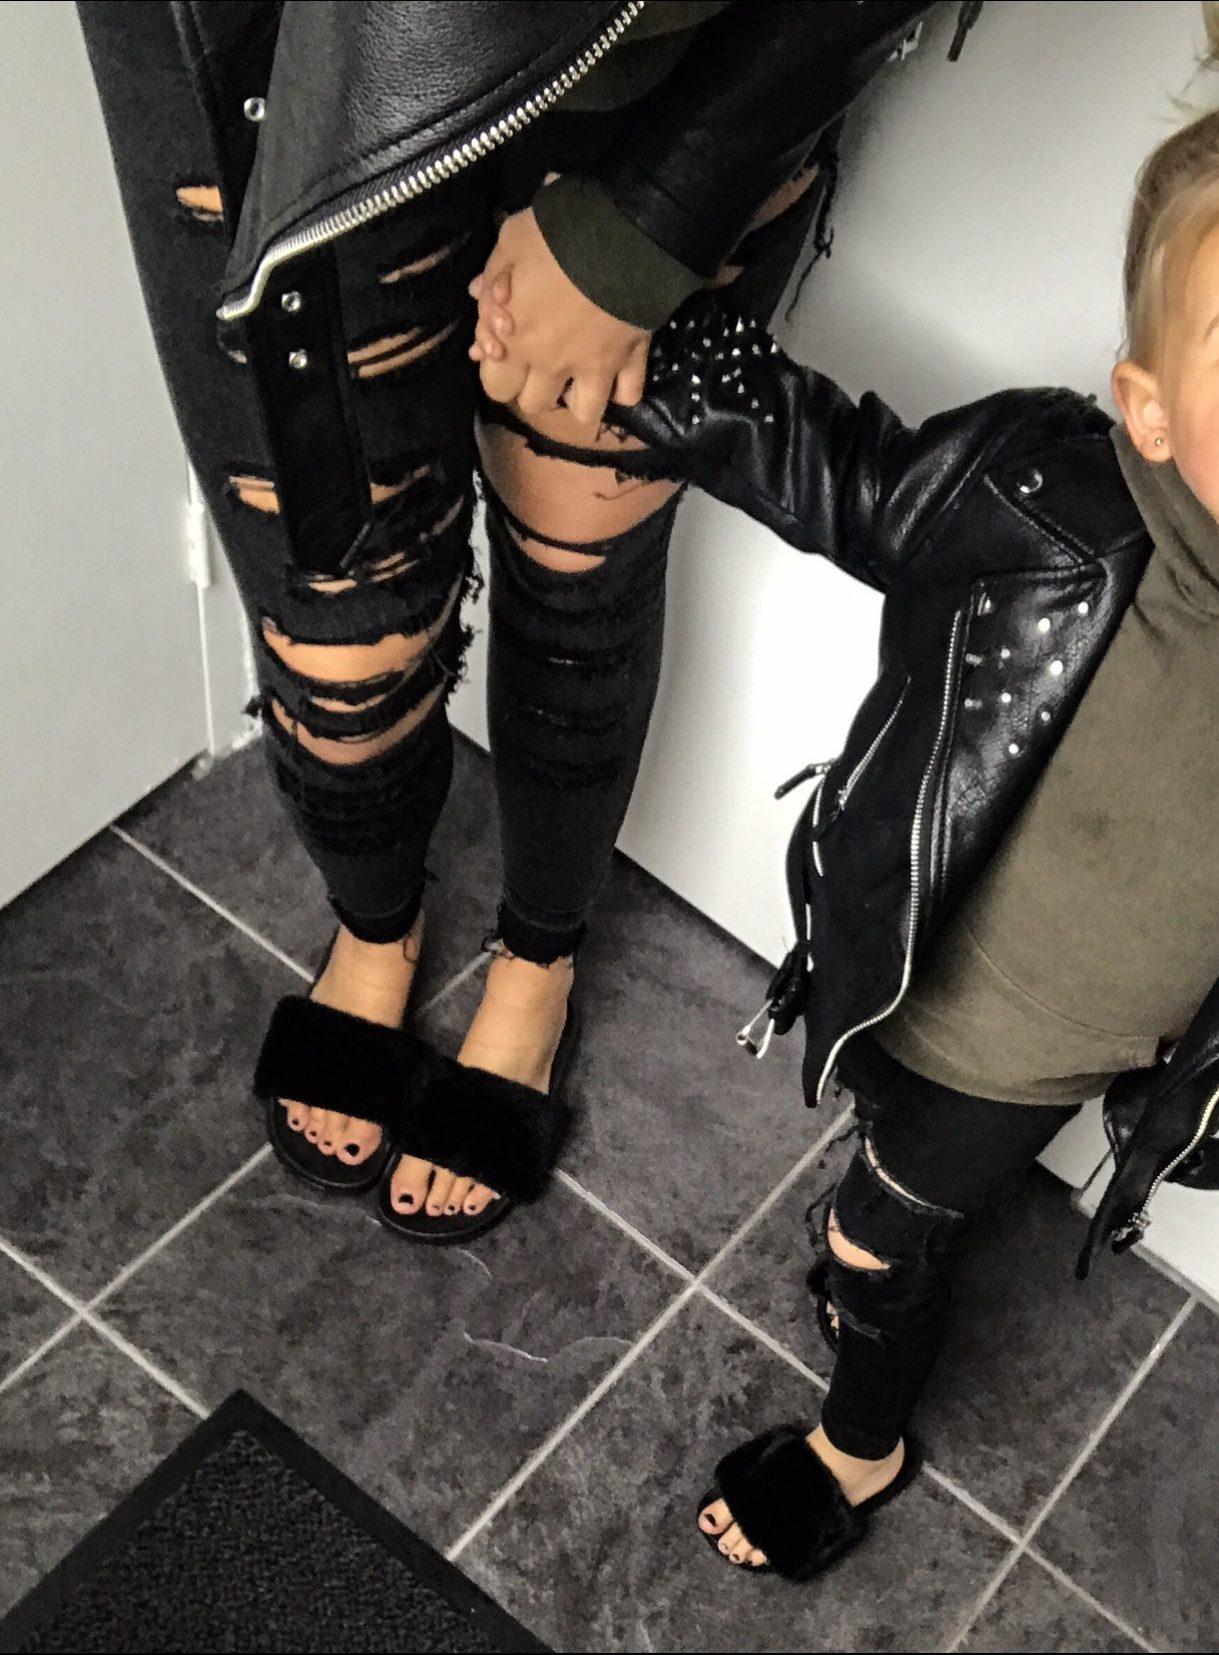 Sportlegging Tekst.Vajen S Fluffy Slippers En Meer Ootd 8 Coolest Kid On The Blog